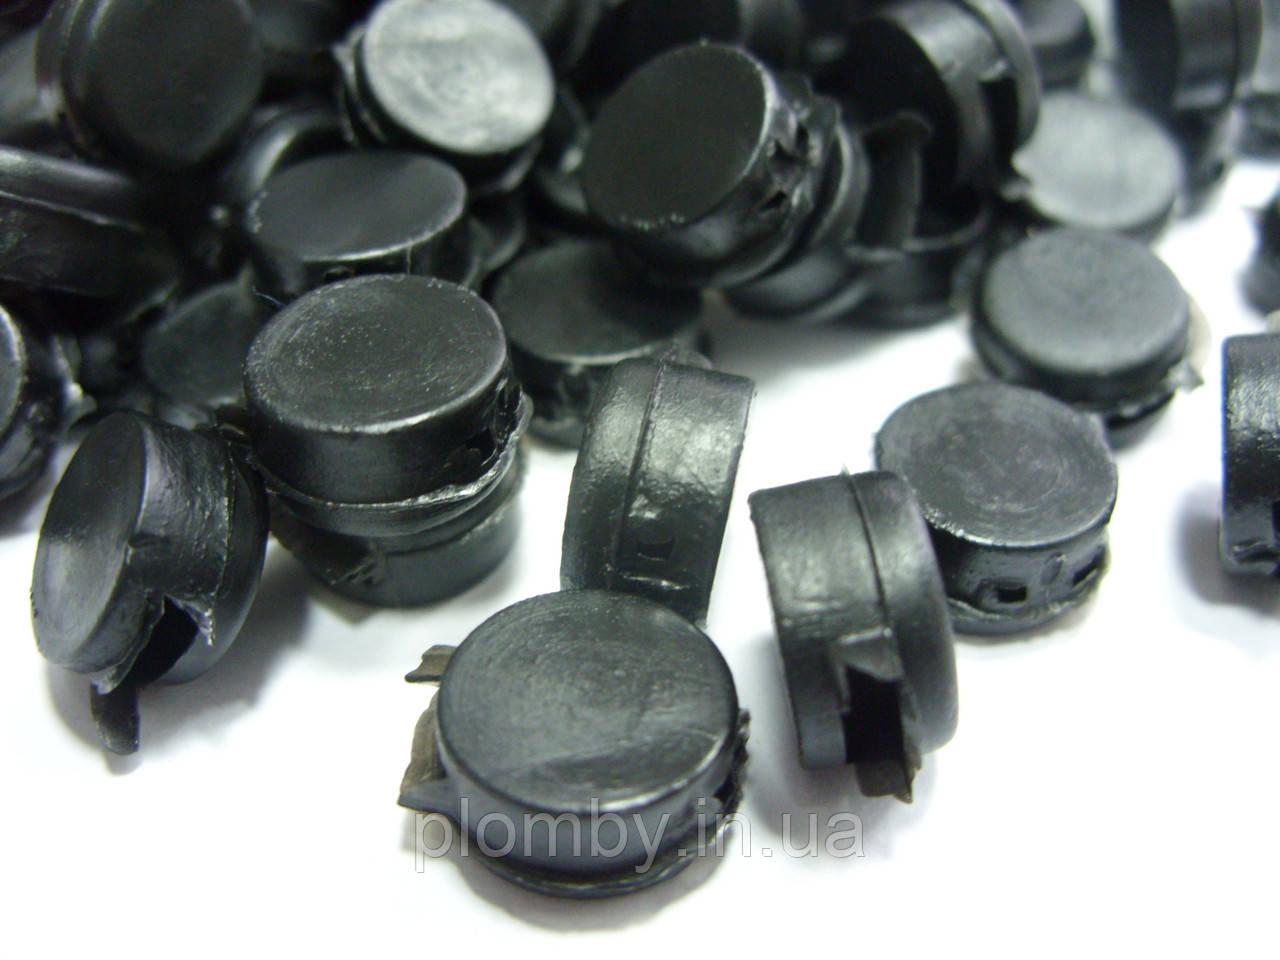 Полиэтиленовые пломбы, 2540шт,  10мм, от 312 грн./кг. ГОСТ 19133-73